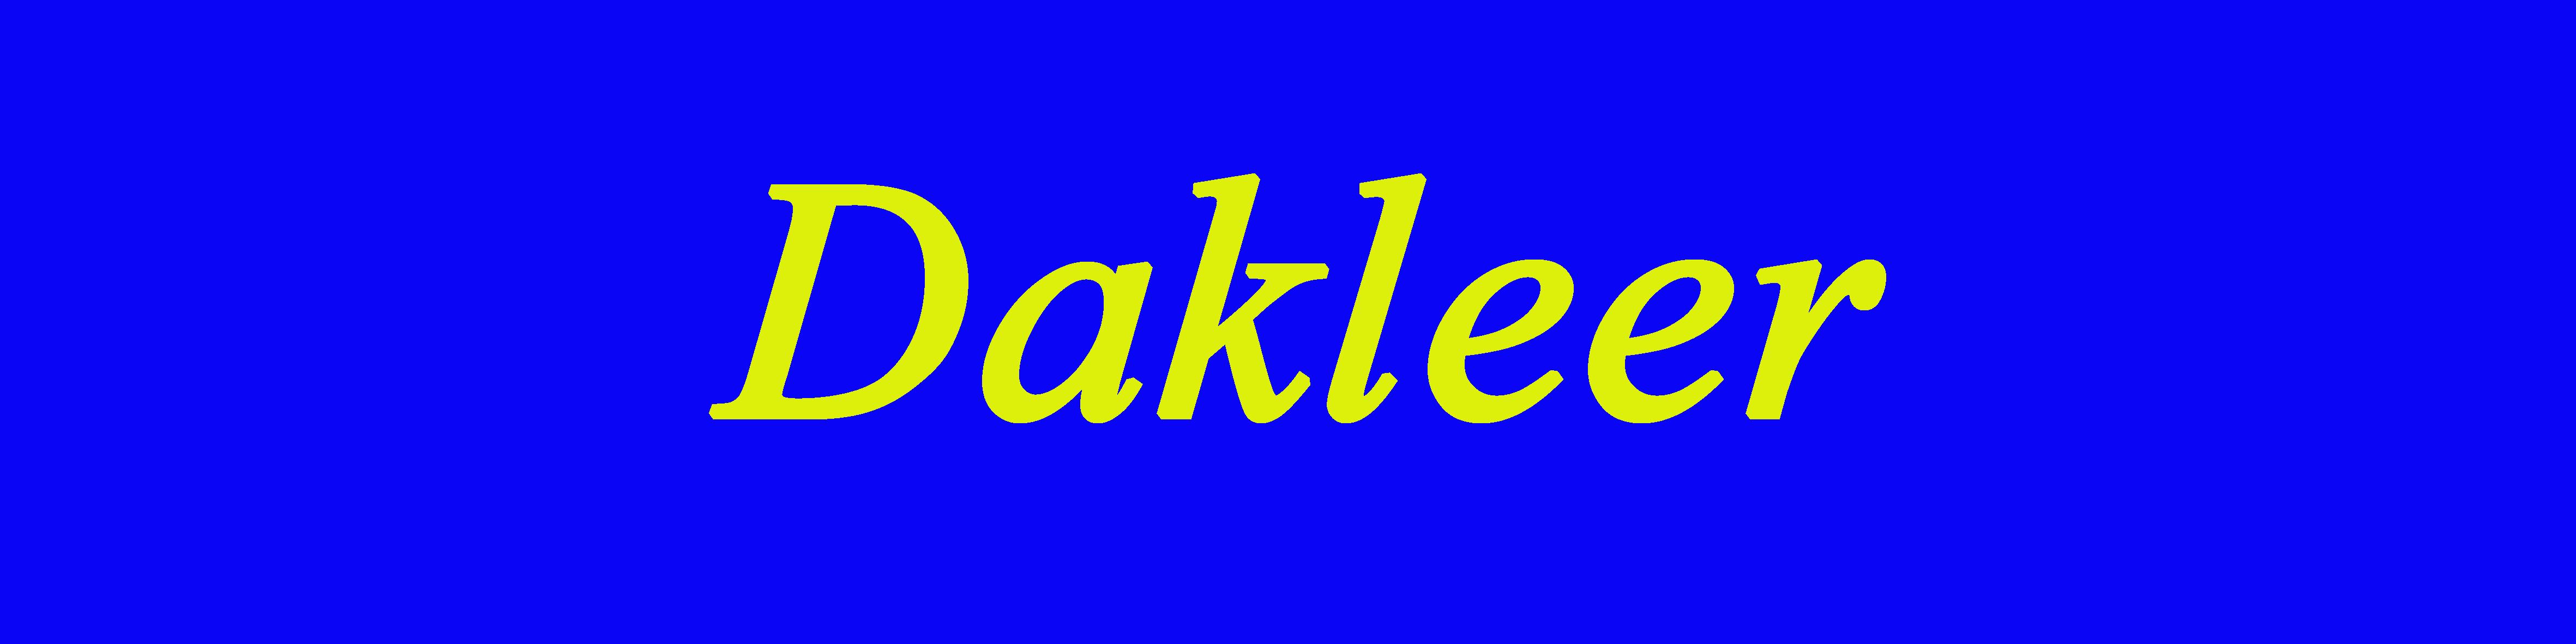 TOP 100 Dakleer